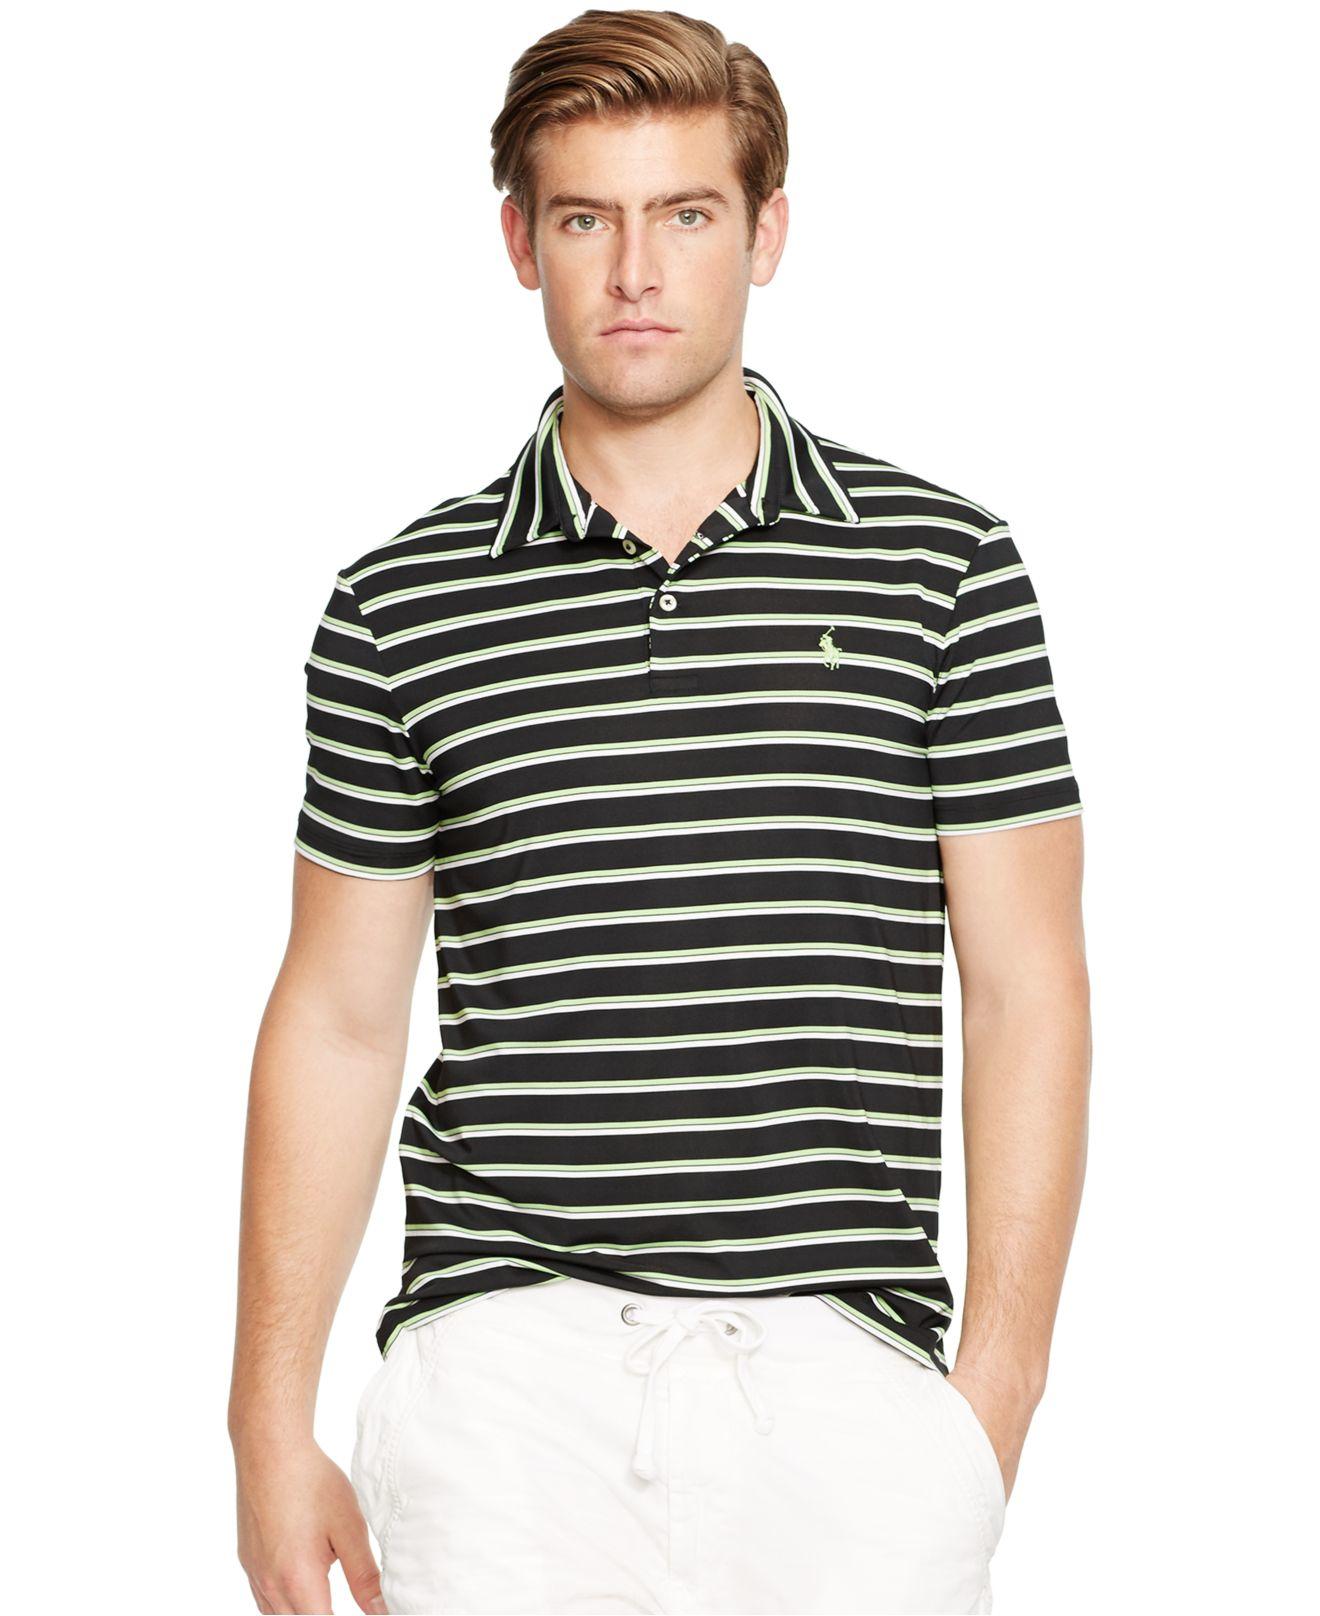 219fda08e1e ... usa lyst polo ralph lauren striped performance lisle polo shirt in  07aeb 6a19d